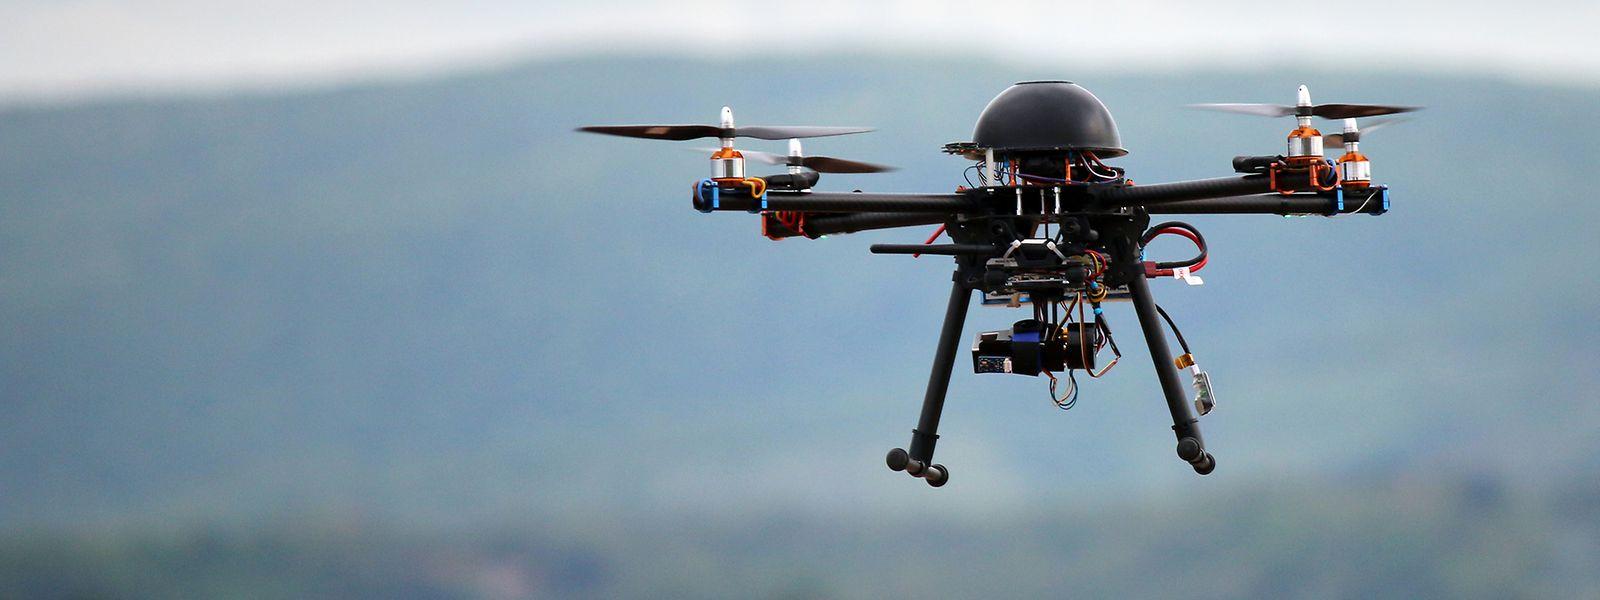 Pour des «raisons stratégiques», le porte-parole de la police ne révélera pas le nombre exact de drones opérationnels mais assure qu'il y en a «plusieurs».